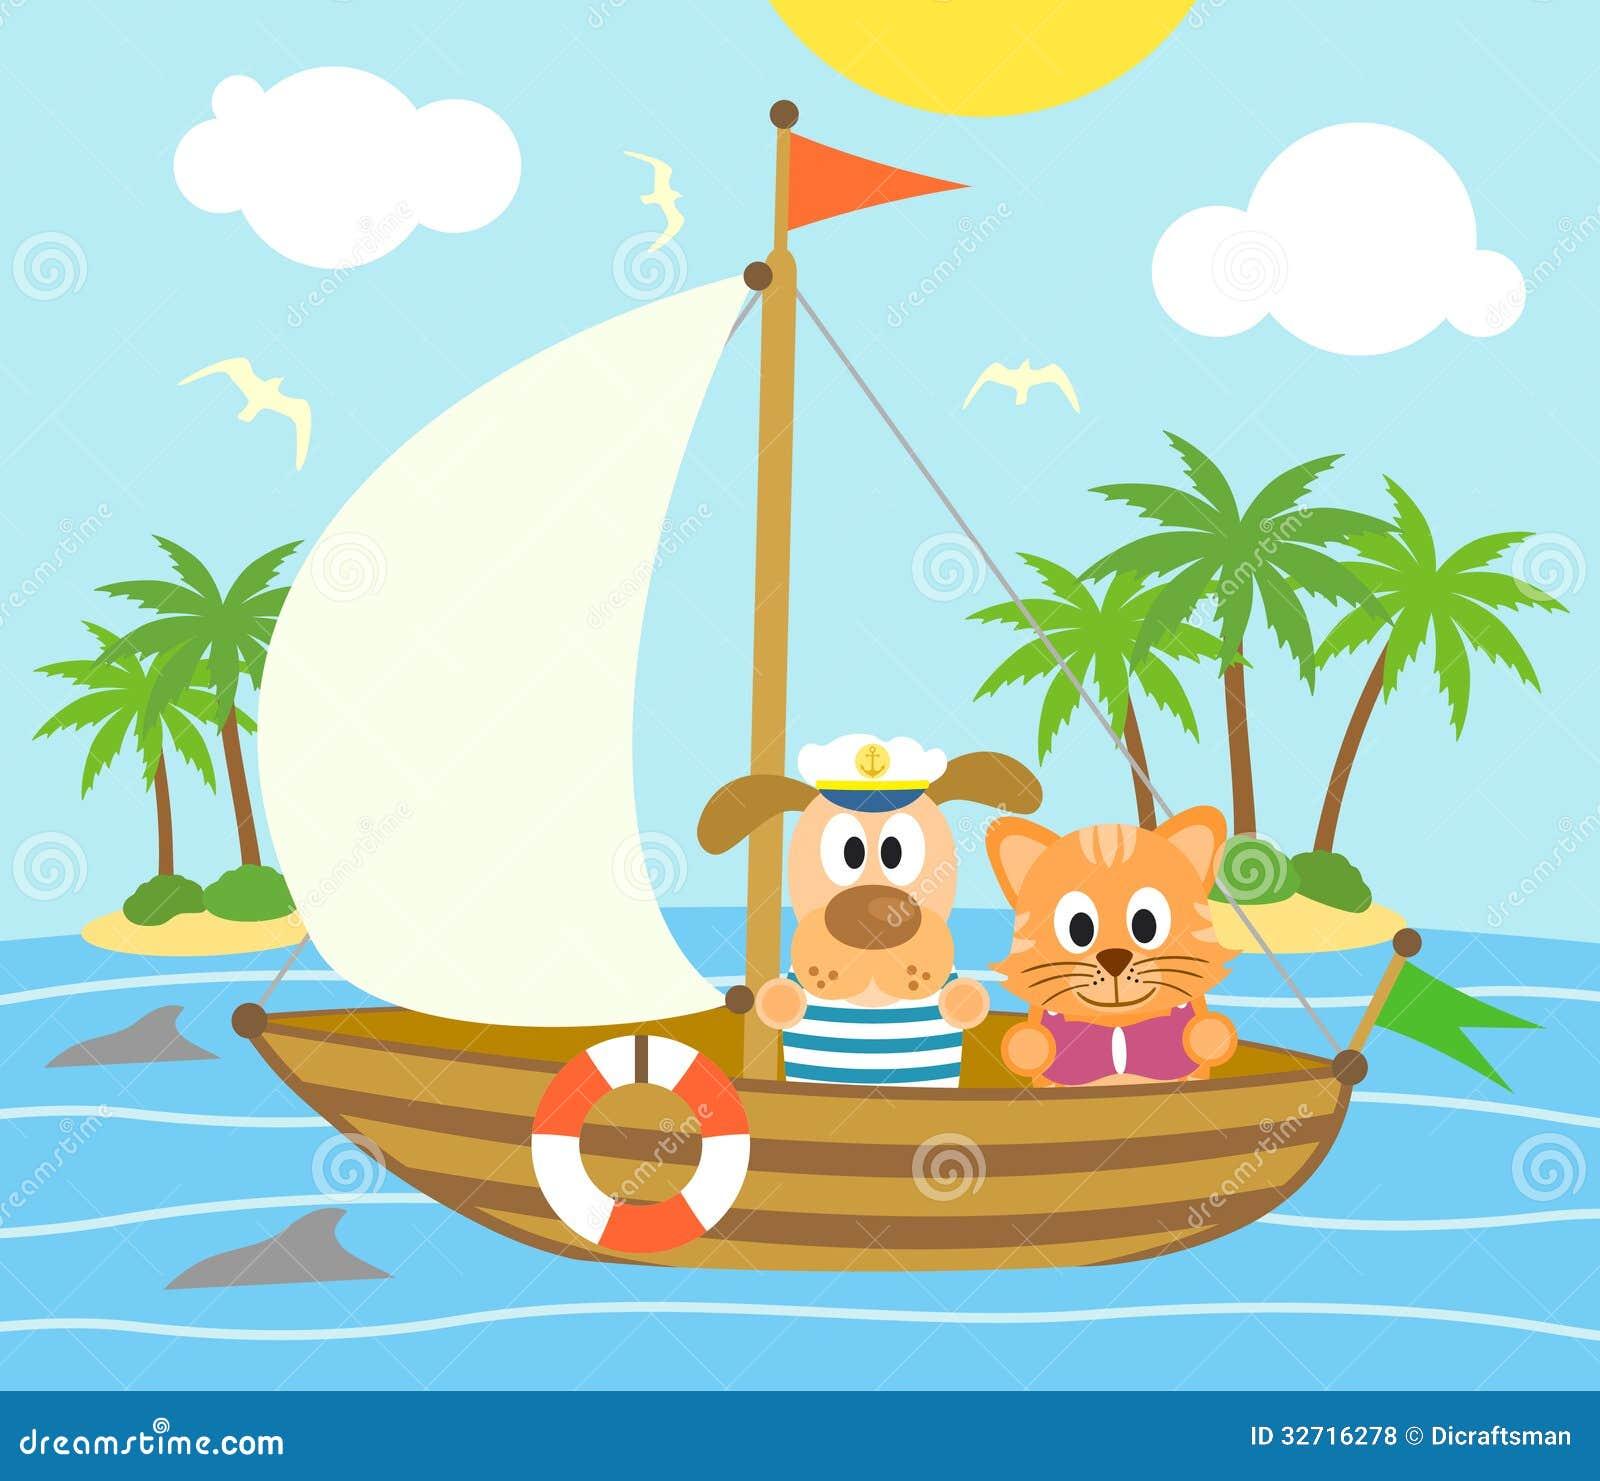 与滑稽的狗和猫的夏天背景在小船.图片